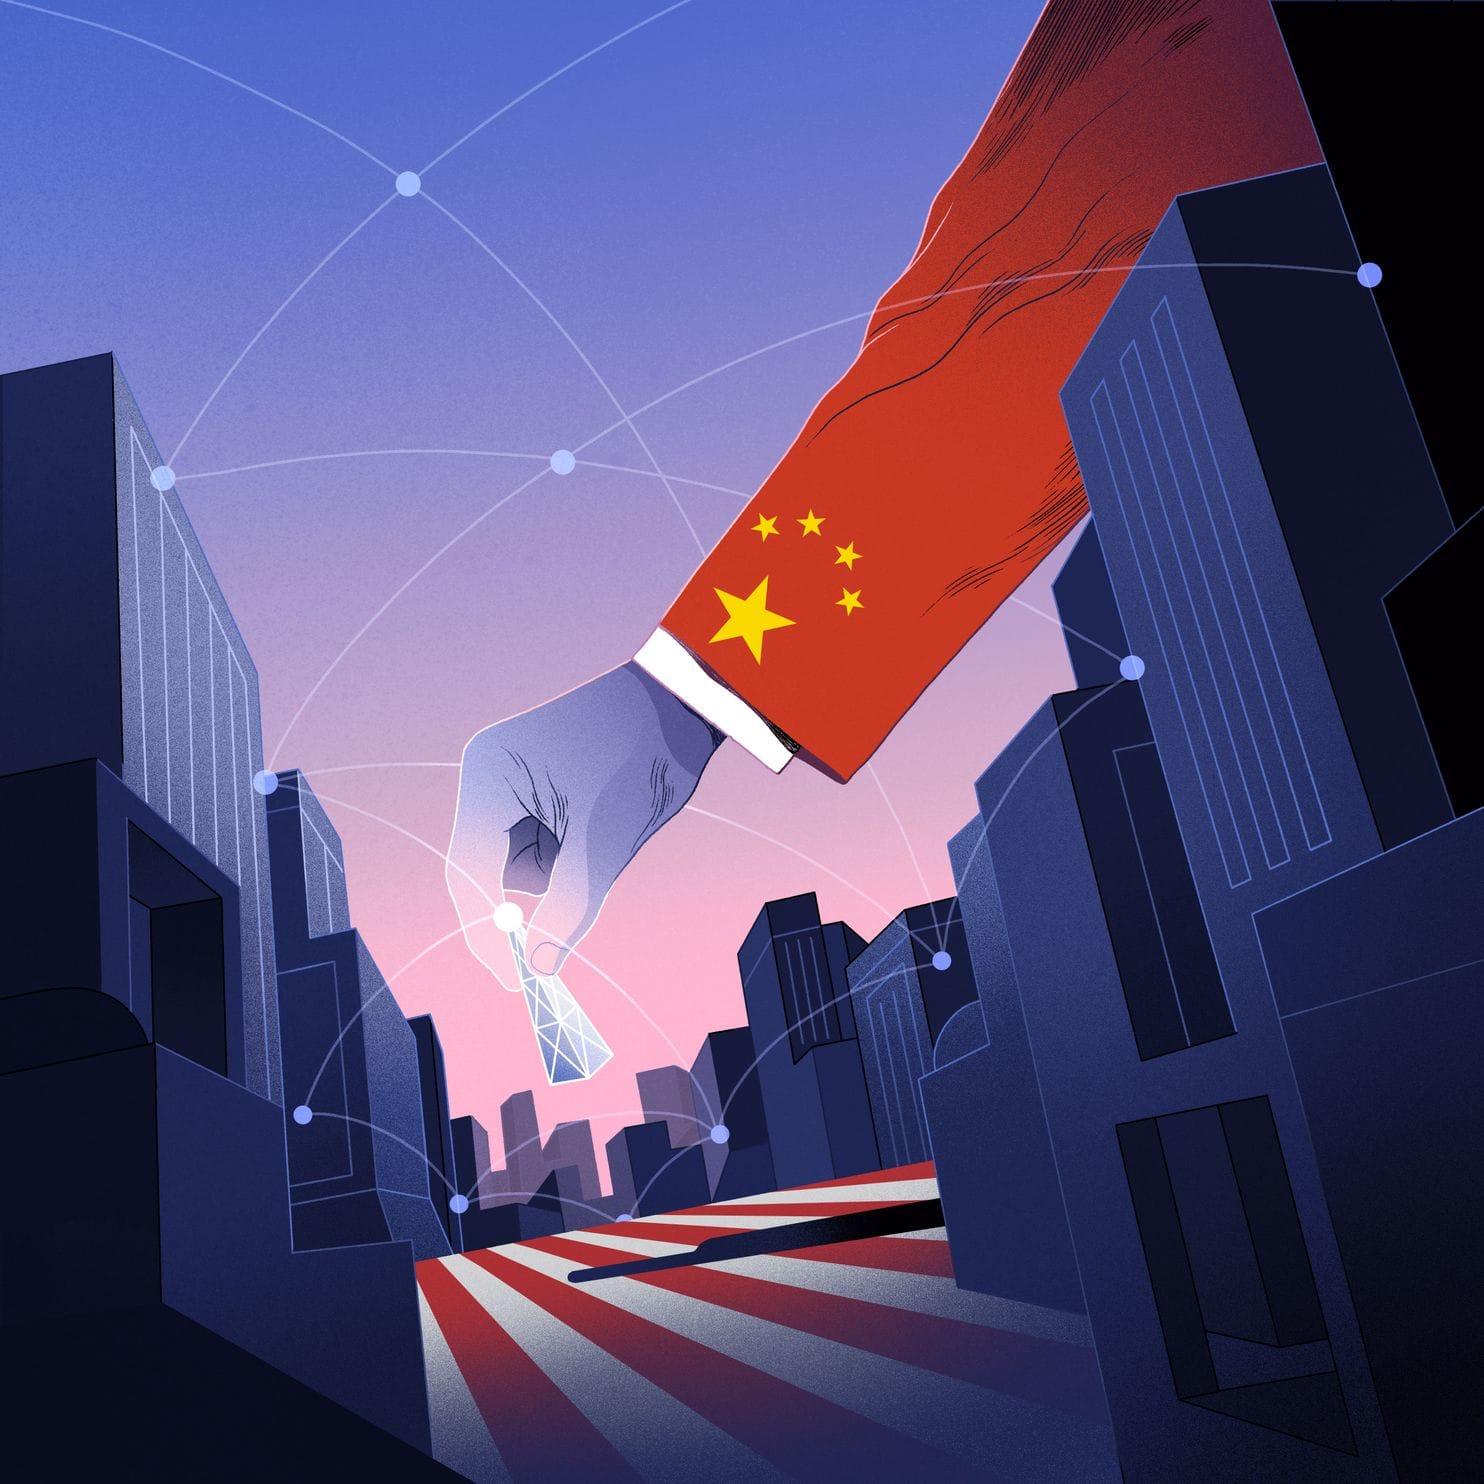 Huawei của Trung Quốc đang dẫn trước các công ty của Mỹ về 5G như thế nào?